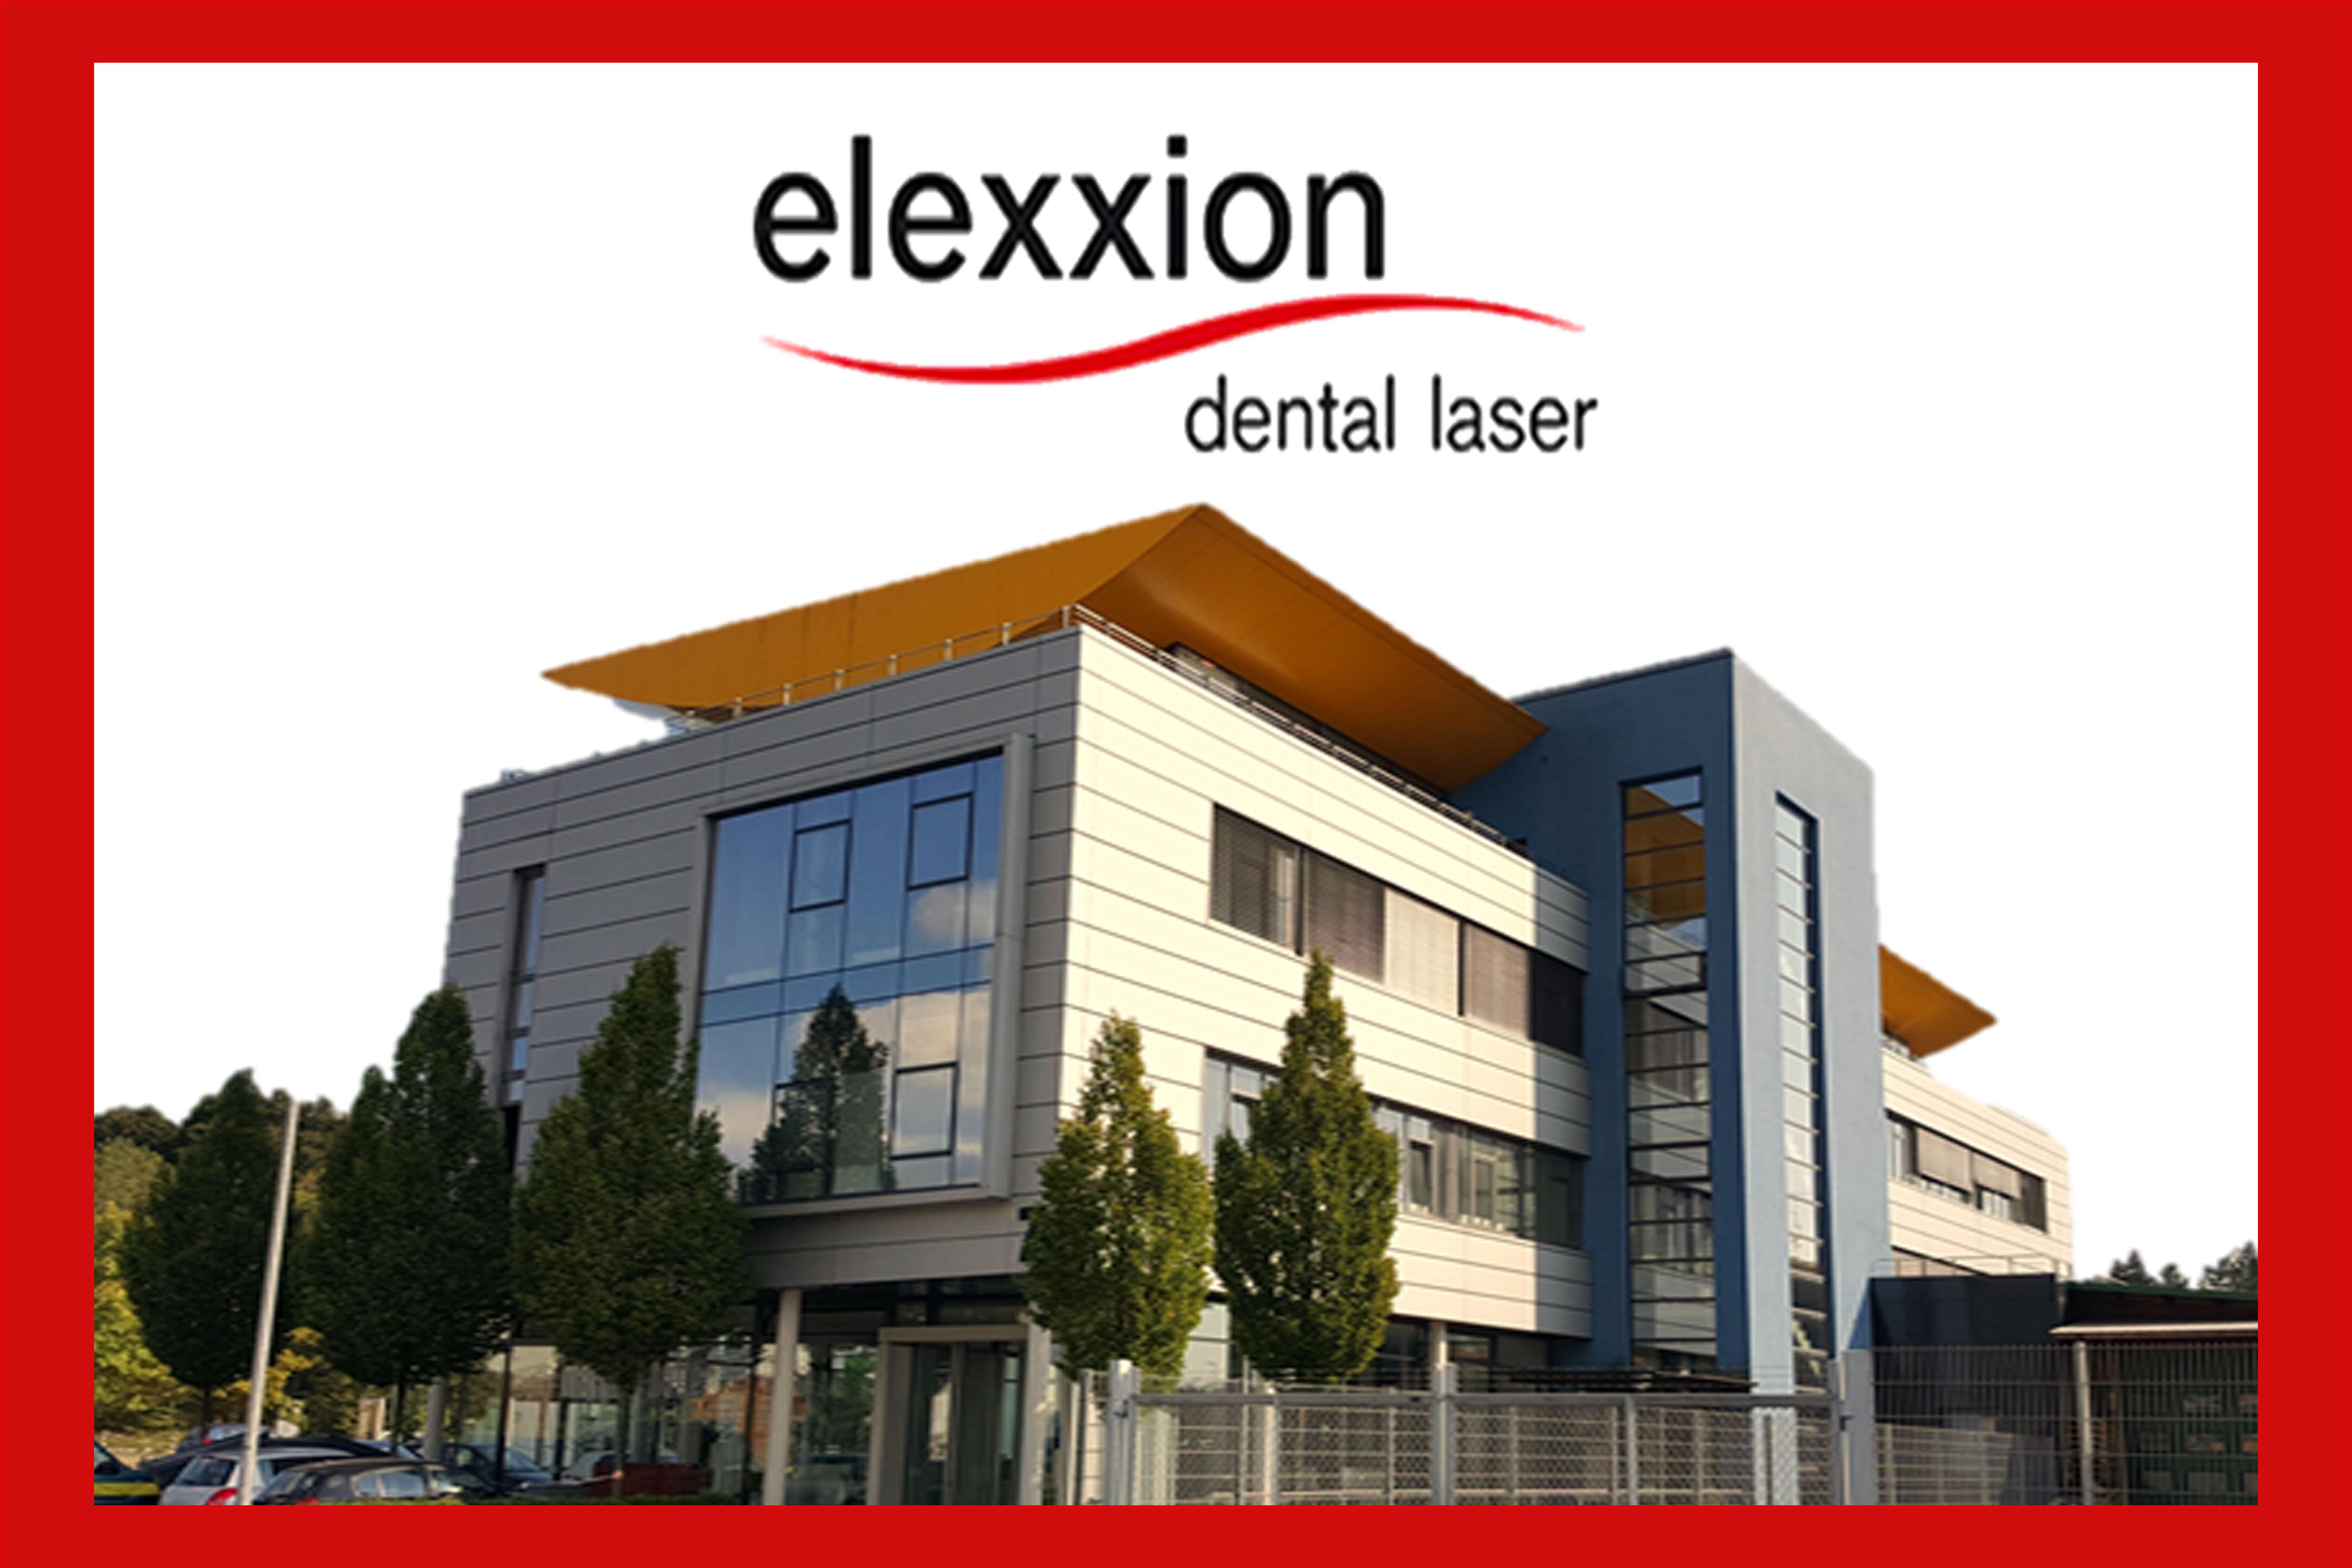 تصميم elexxion